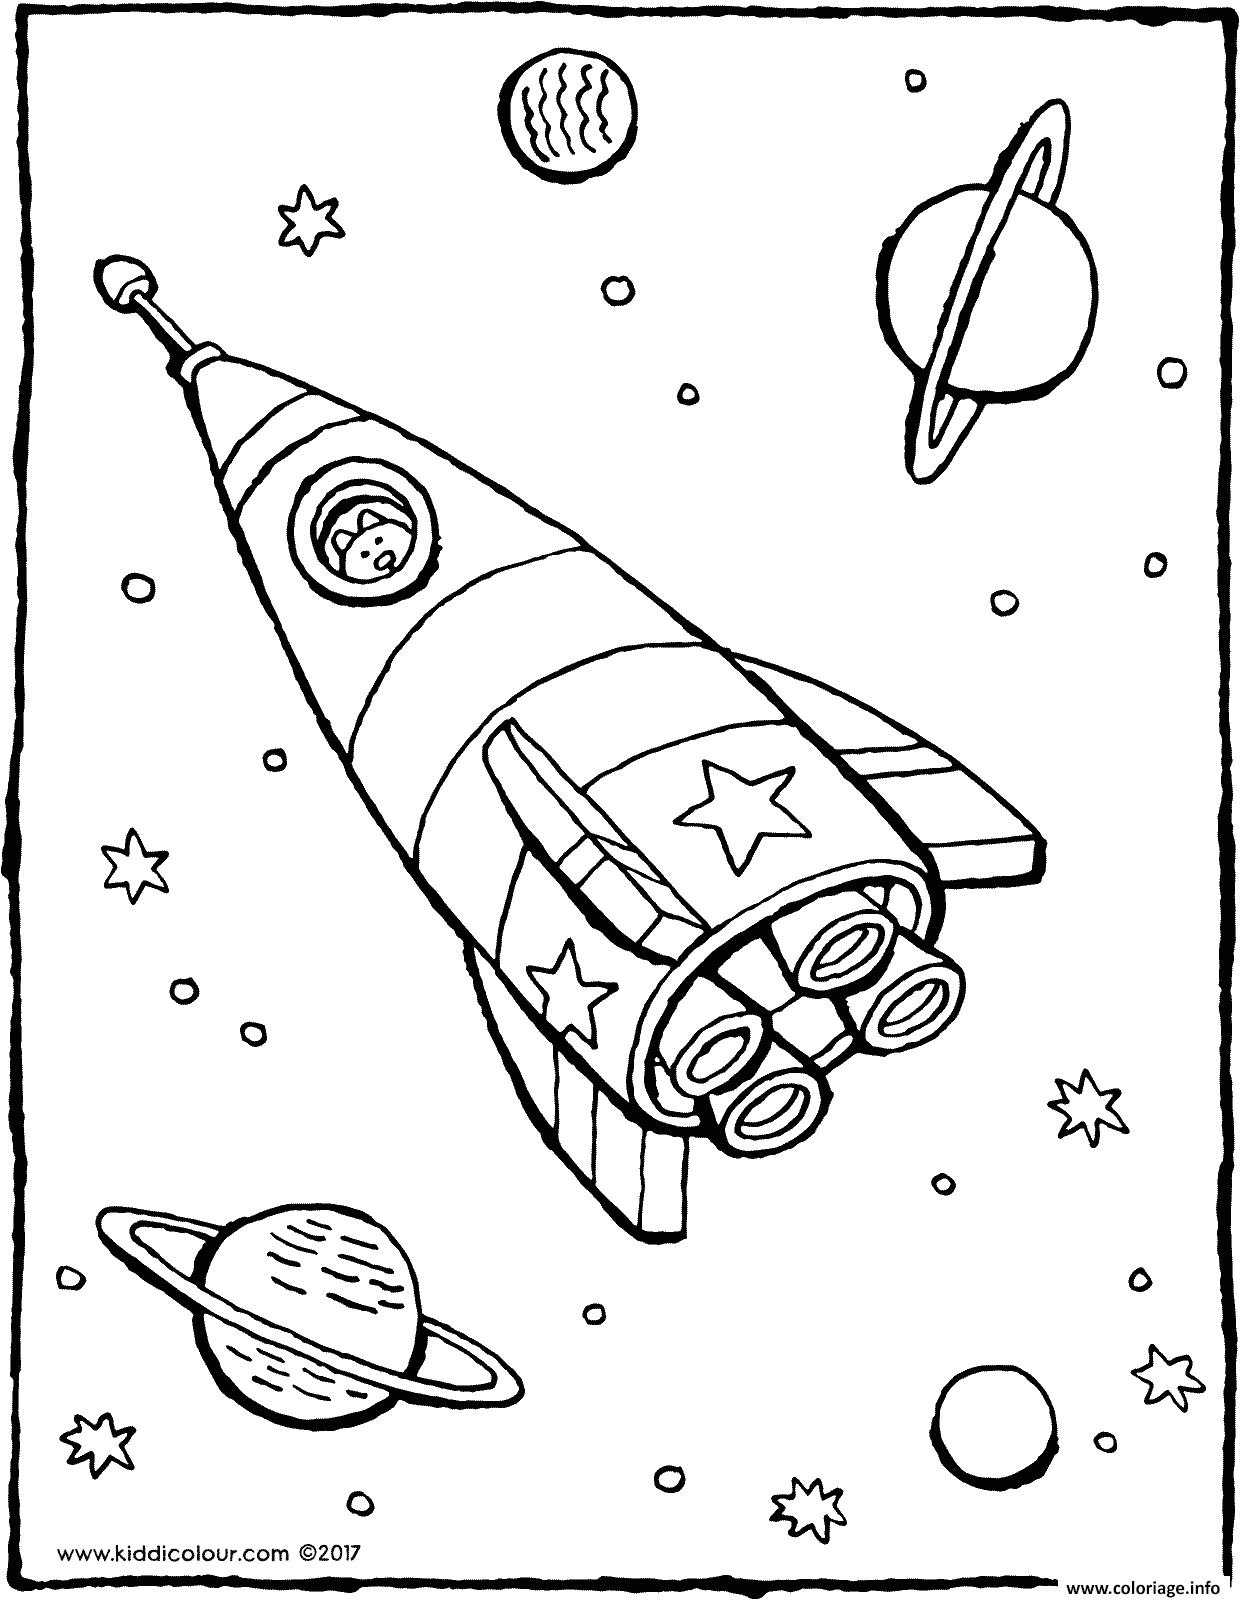 Dessin dessin de fusee dans lespace Coloriage Gratuit à Imprimer